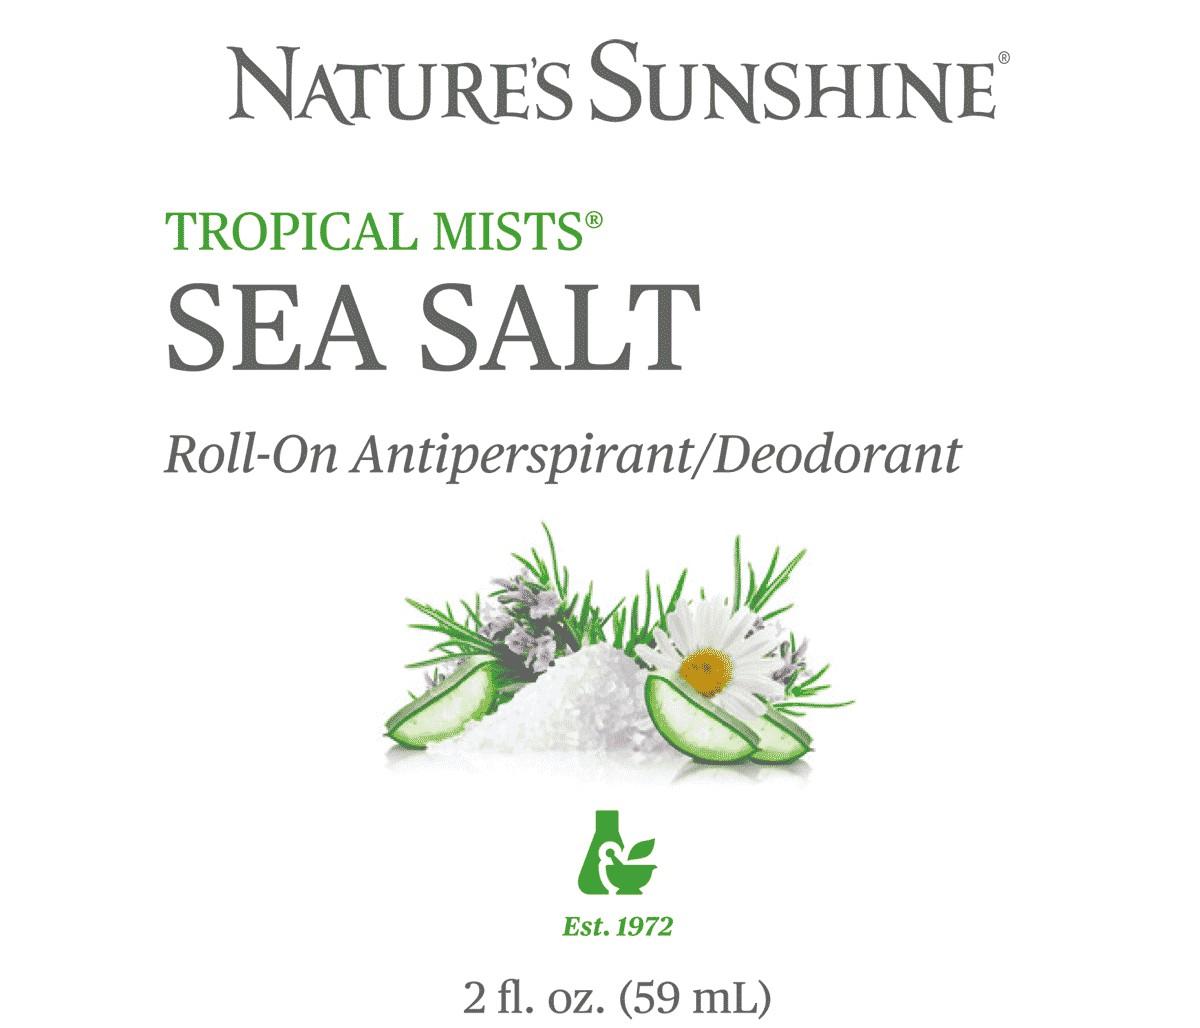 Sea Salt Roll-On Antiperspirant/Deodorant [61566] (-20%)